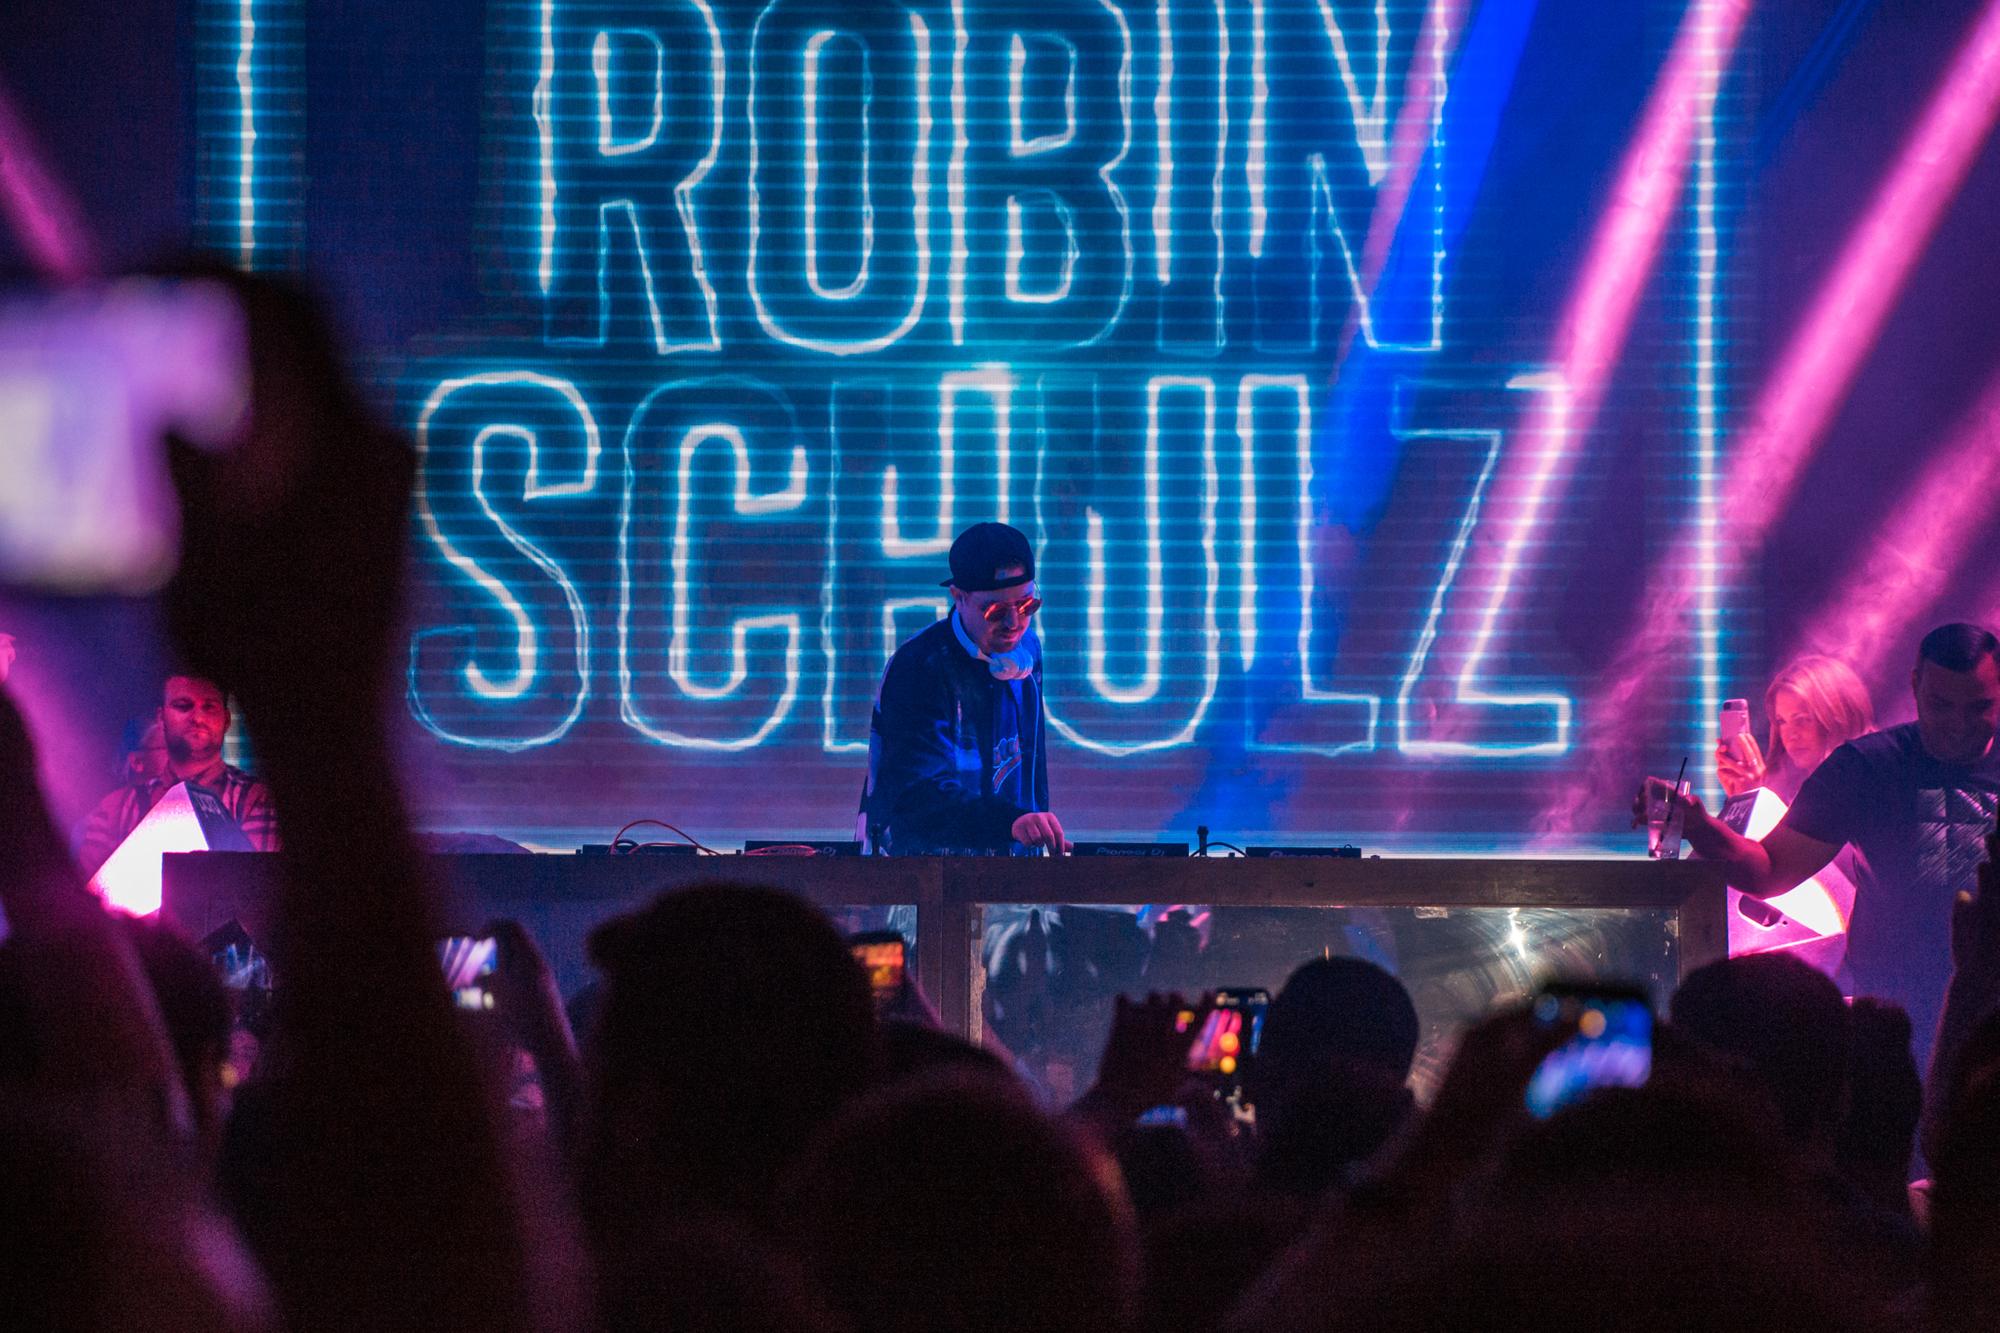 03.31.18 Parq - Robin Schulz--1.jpg